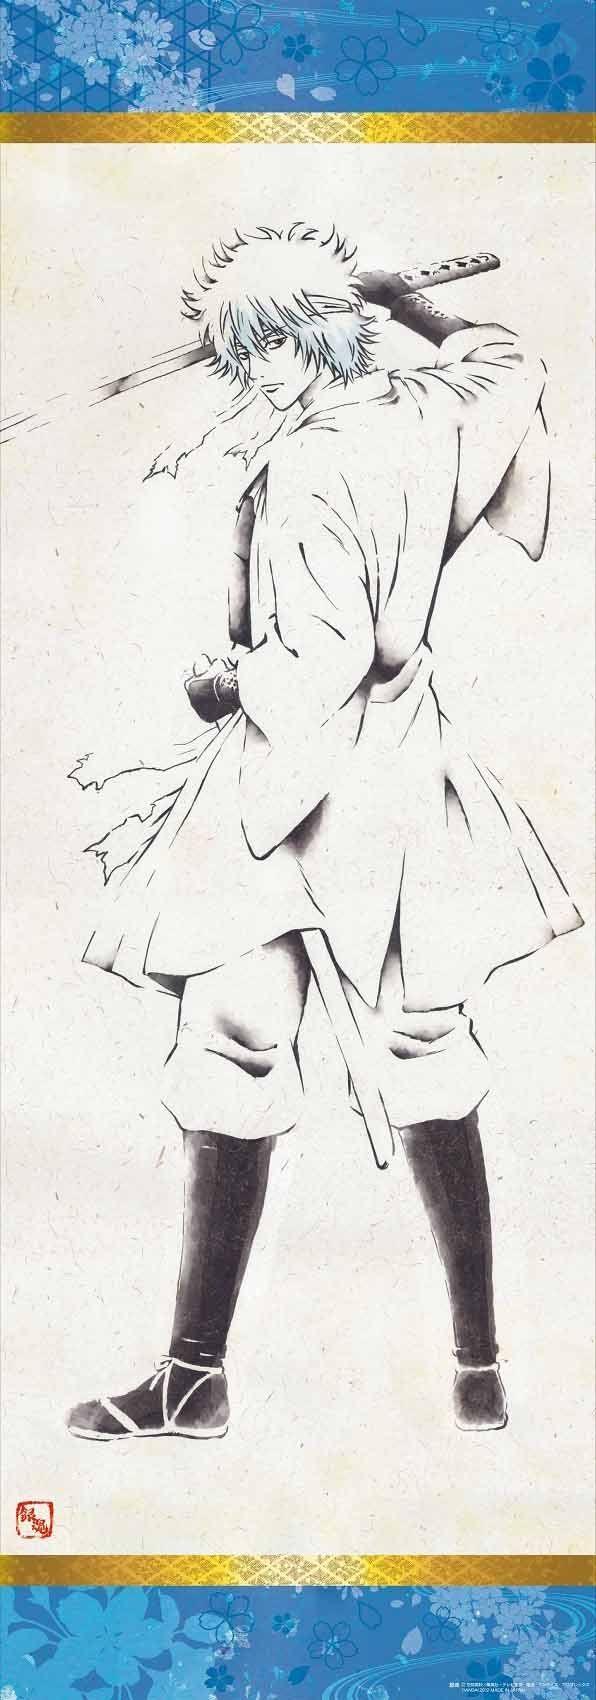 「銀魂」坂田銀時と桂小太郎の水墨画風ポスターが発売(画像 3/5) - コミックナタリー